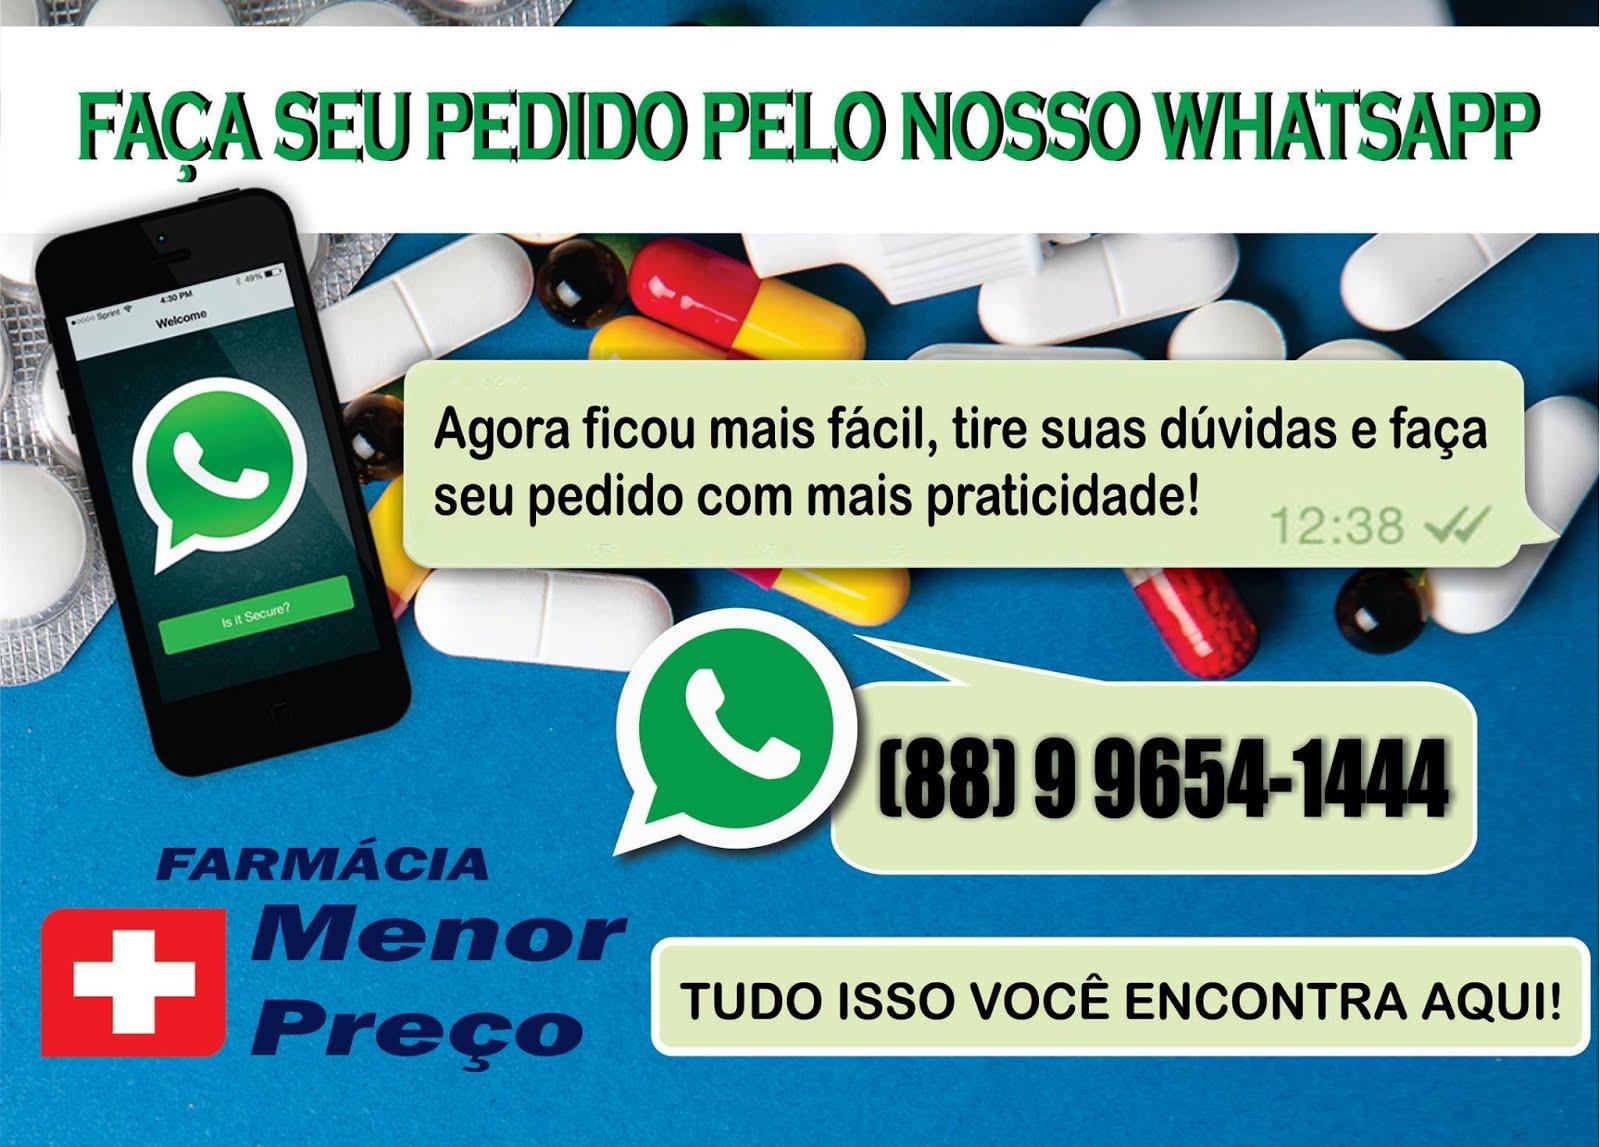 Farmácia Menor Preço